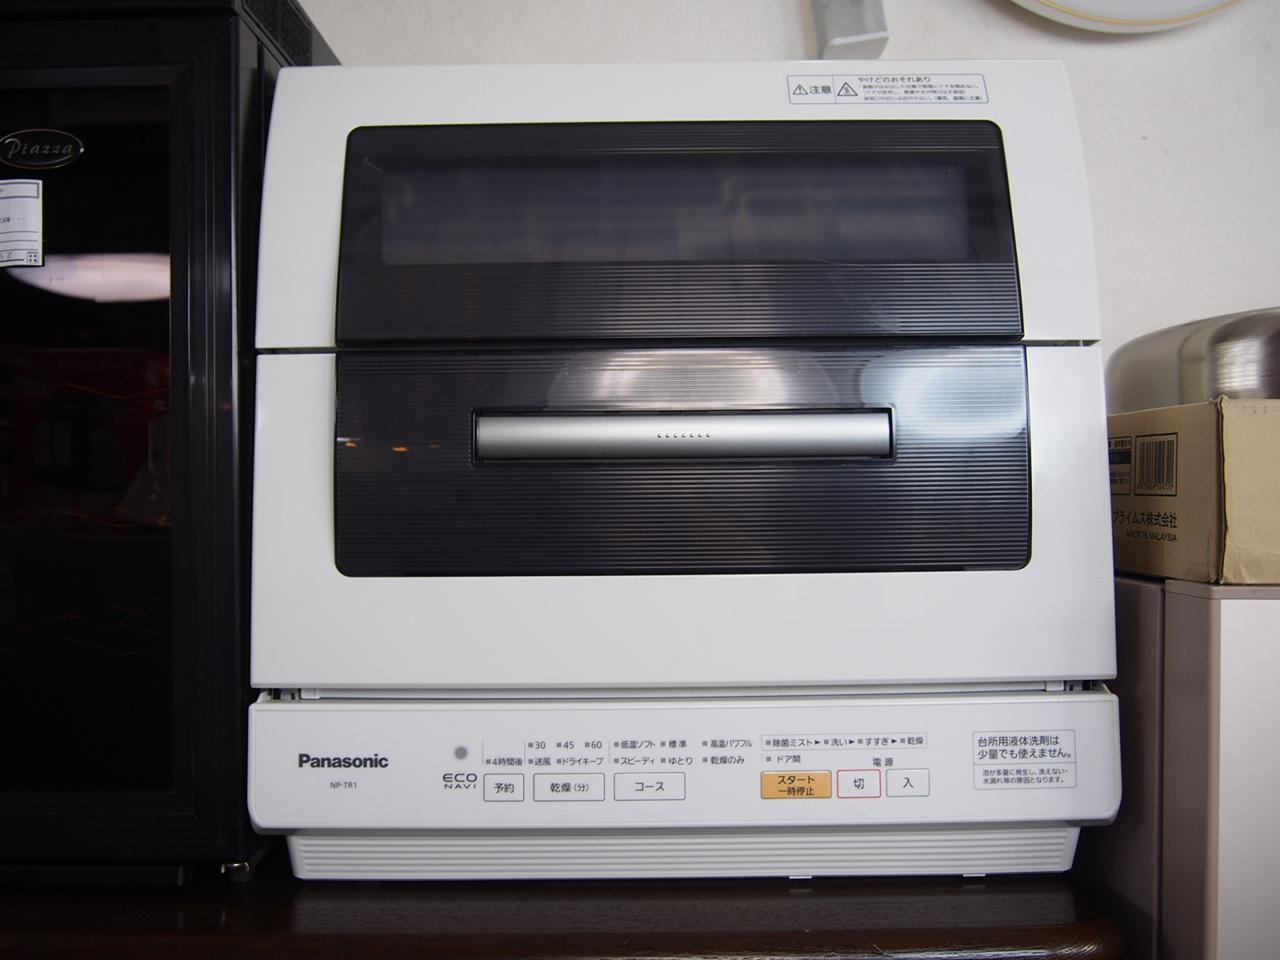 Sửa chữa máy rửa chén nội địa Panasonic